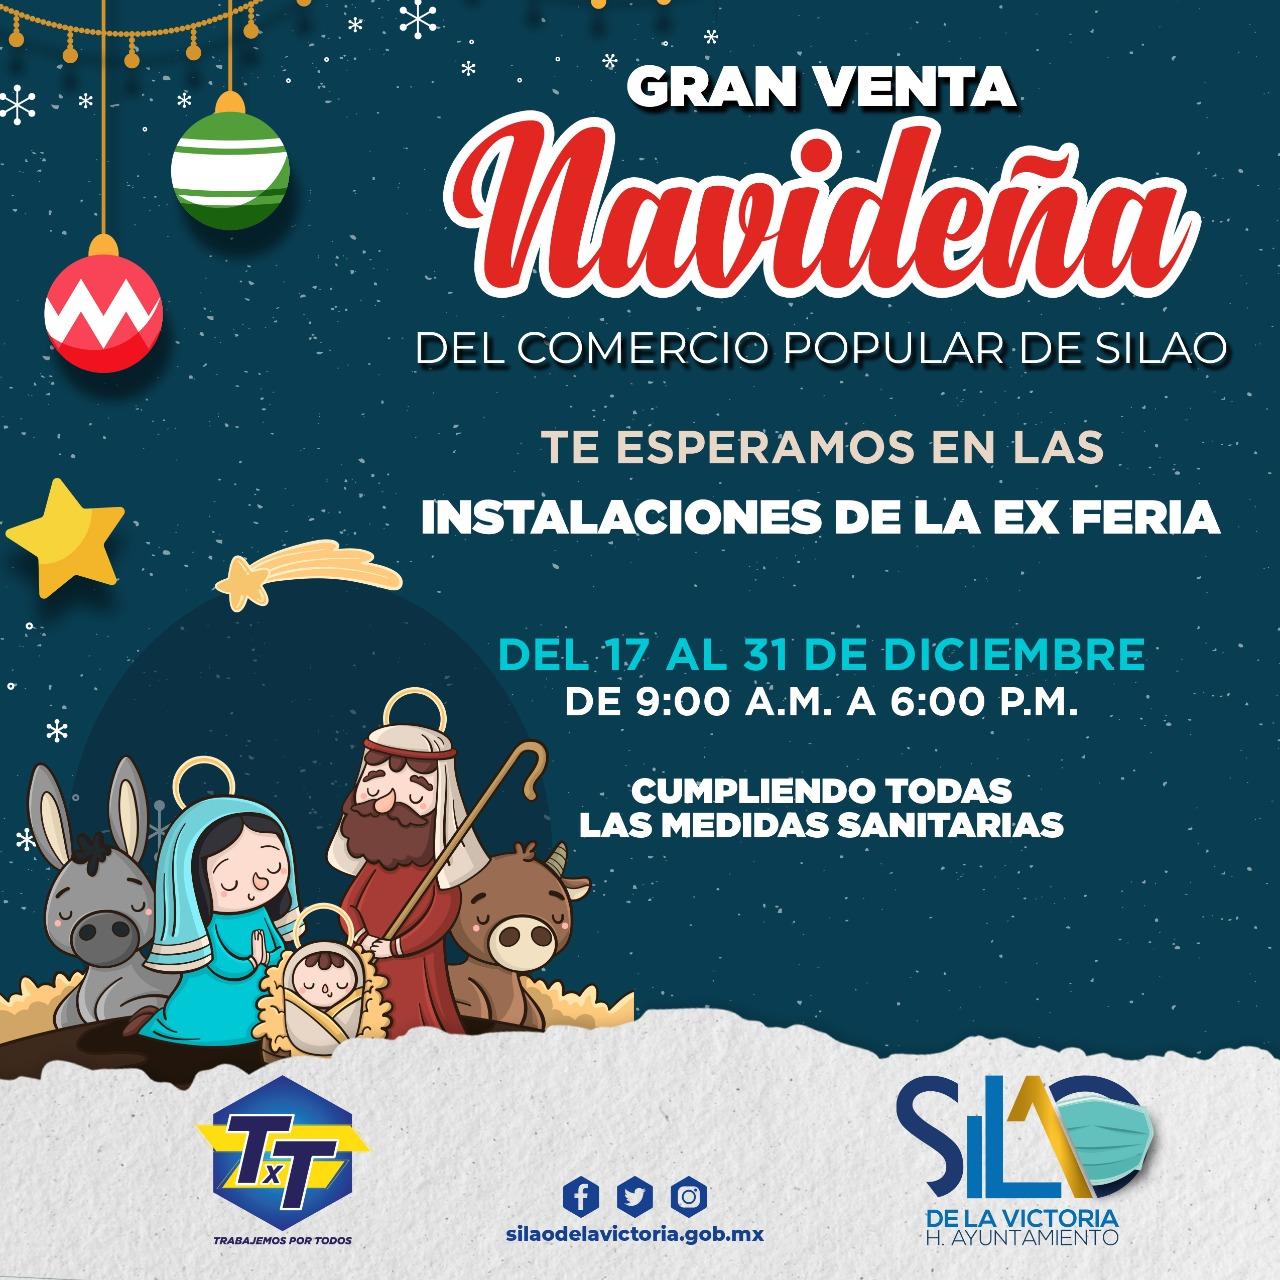 Invitan a la Gran venta navideña del comercio popular en las antiguas instalaciones de la feria